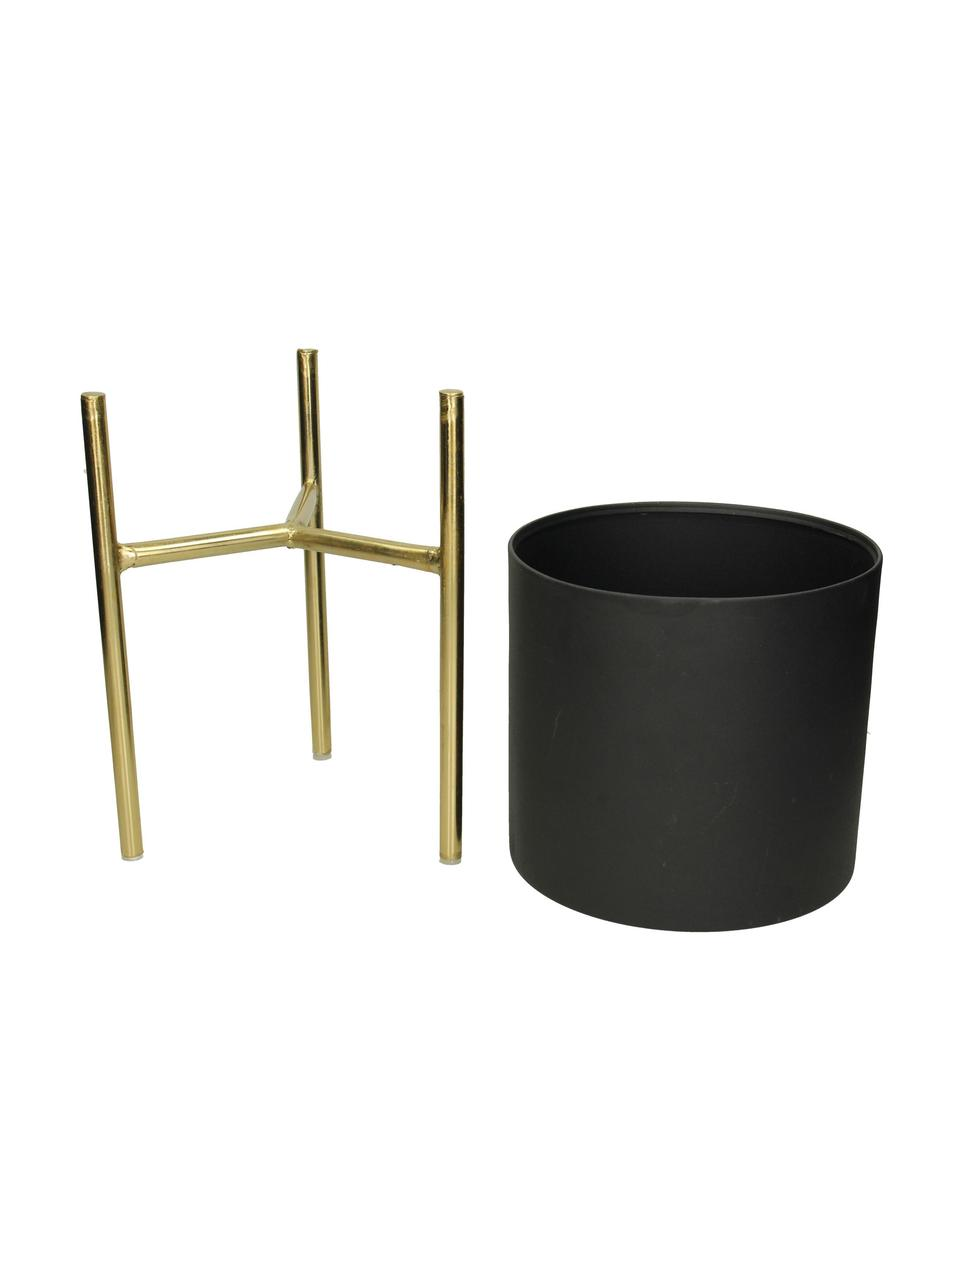 Übertopf-Set Blako aus Metall, 3-tlg., Metall, beschichtet, Schwarz, Goldfarben, Sondergrößen